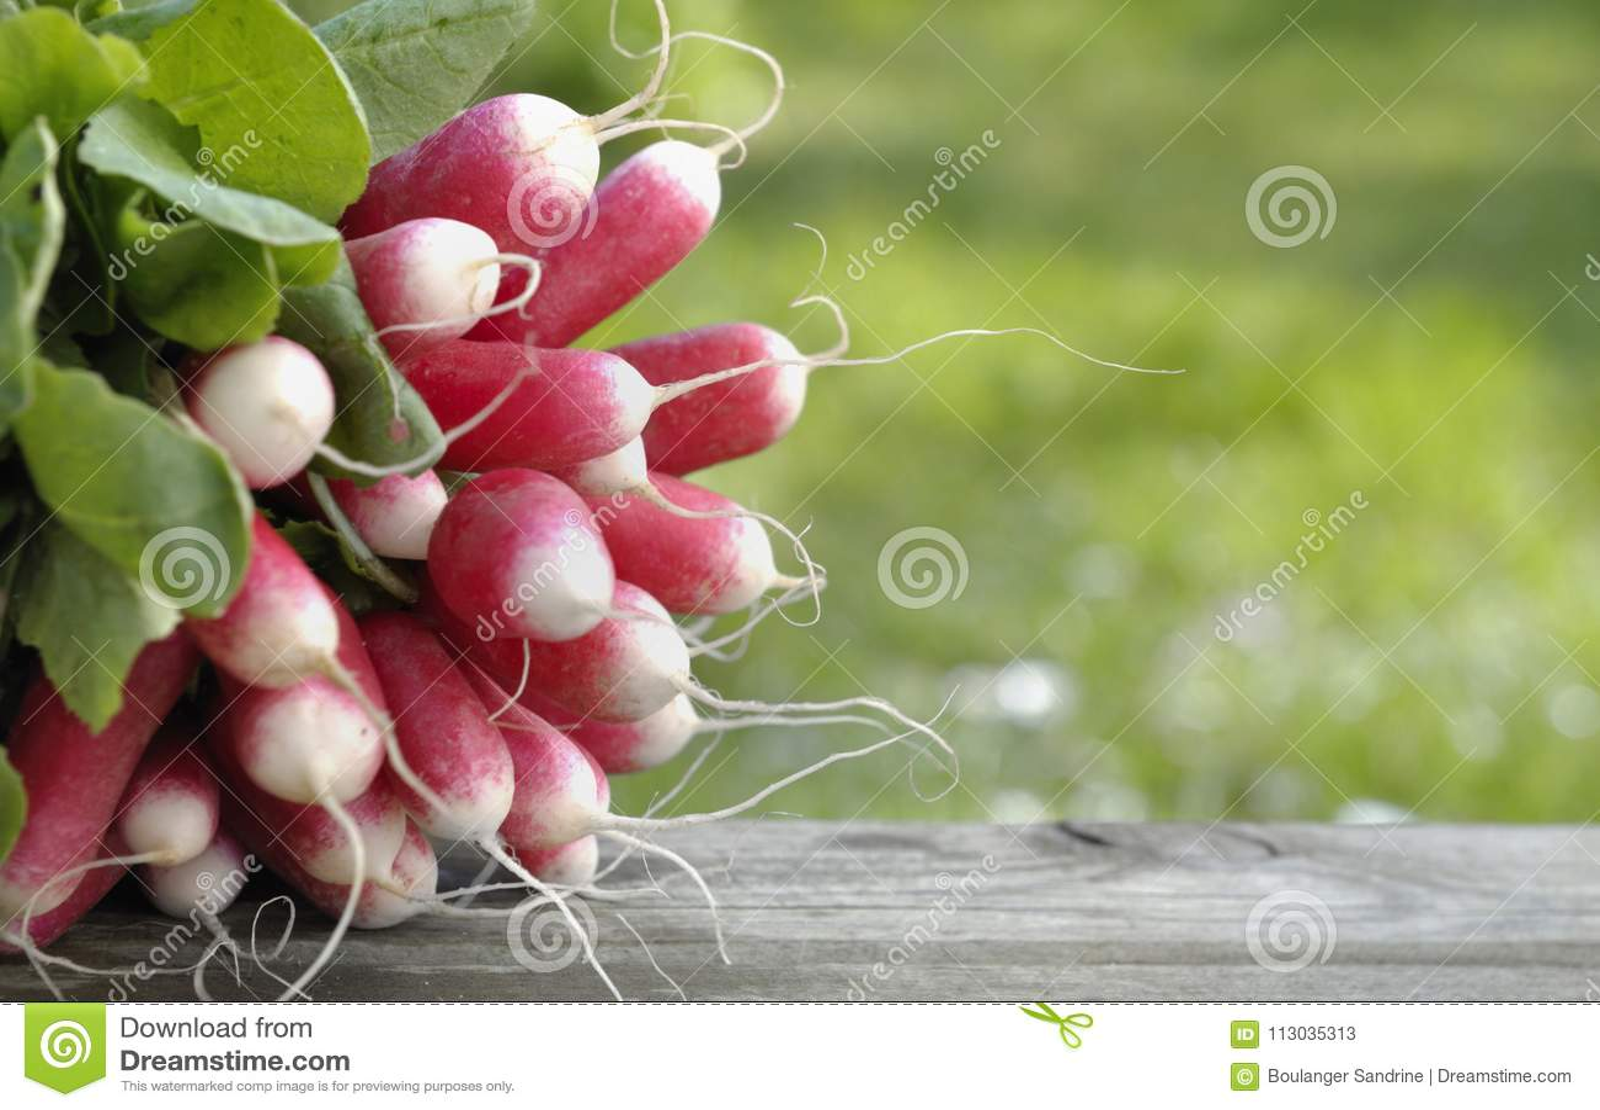 Rábano fresco y rosado en jardín